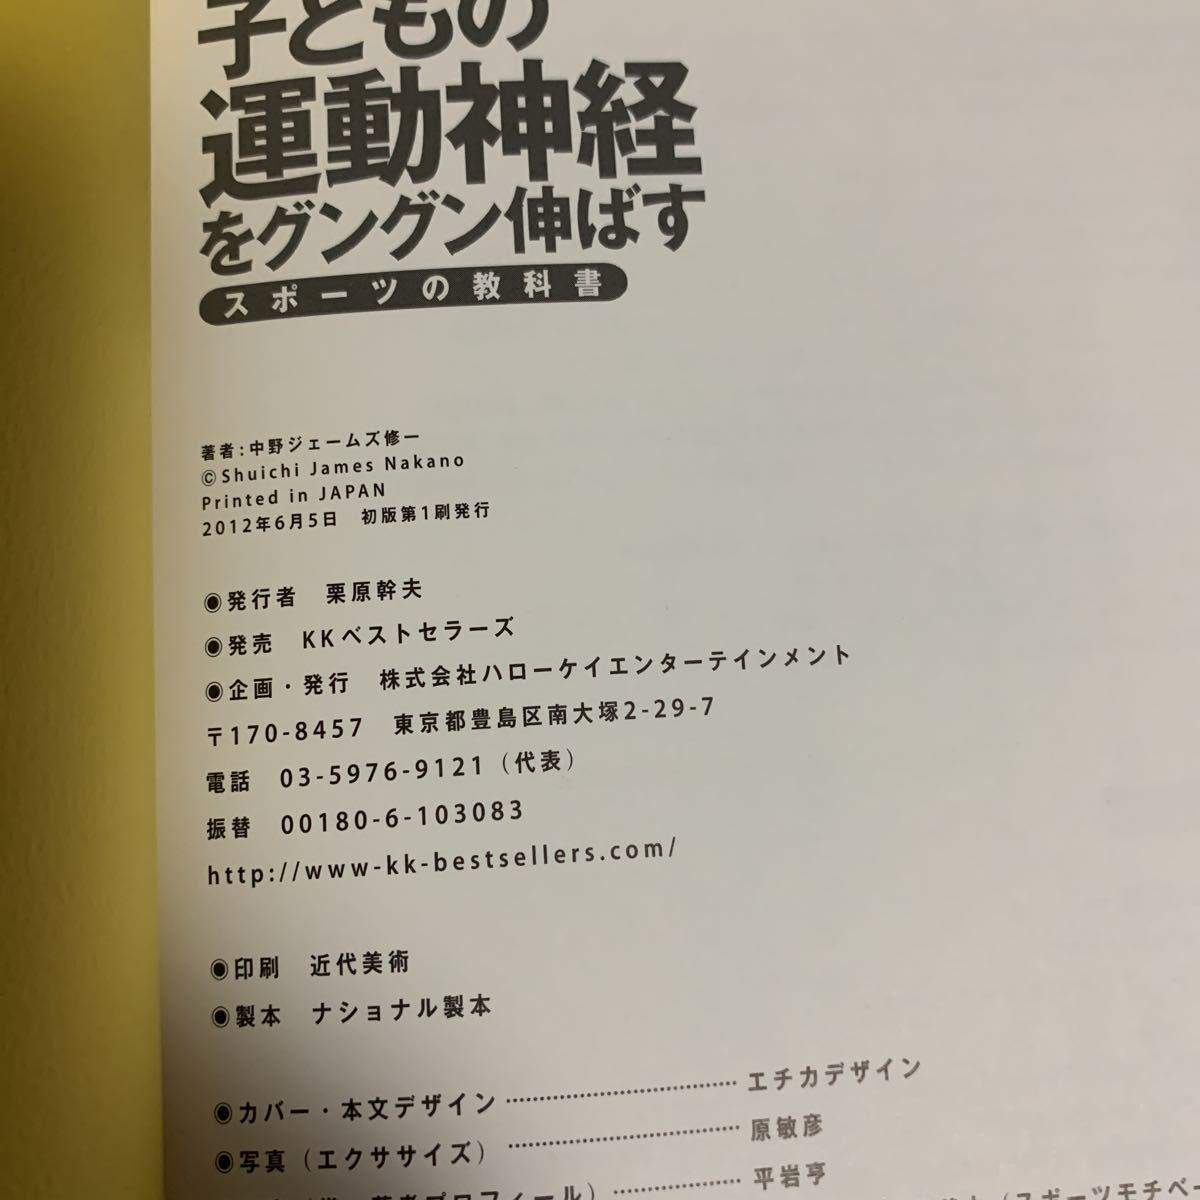 中野ジェームズ修一氏の本3冊 青トレ 動的ストレッチ 子供の運動神経をグングン伸ばす_画像7